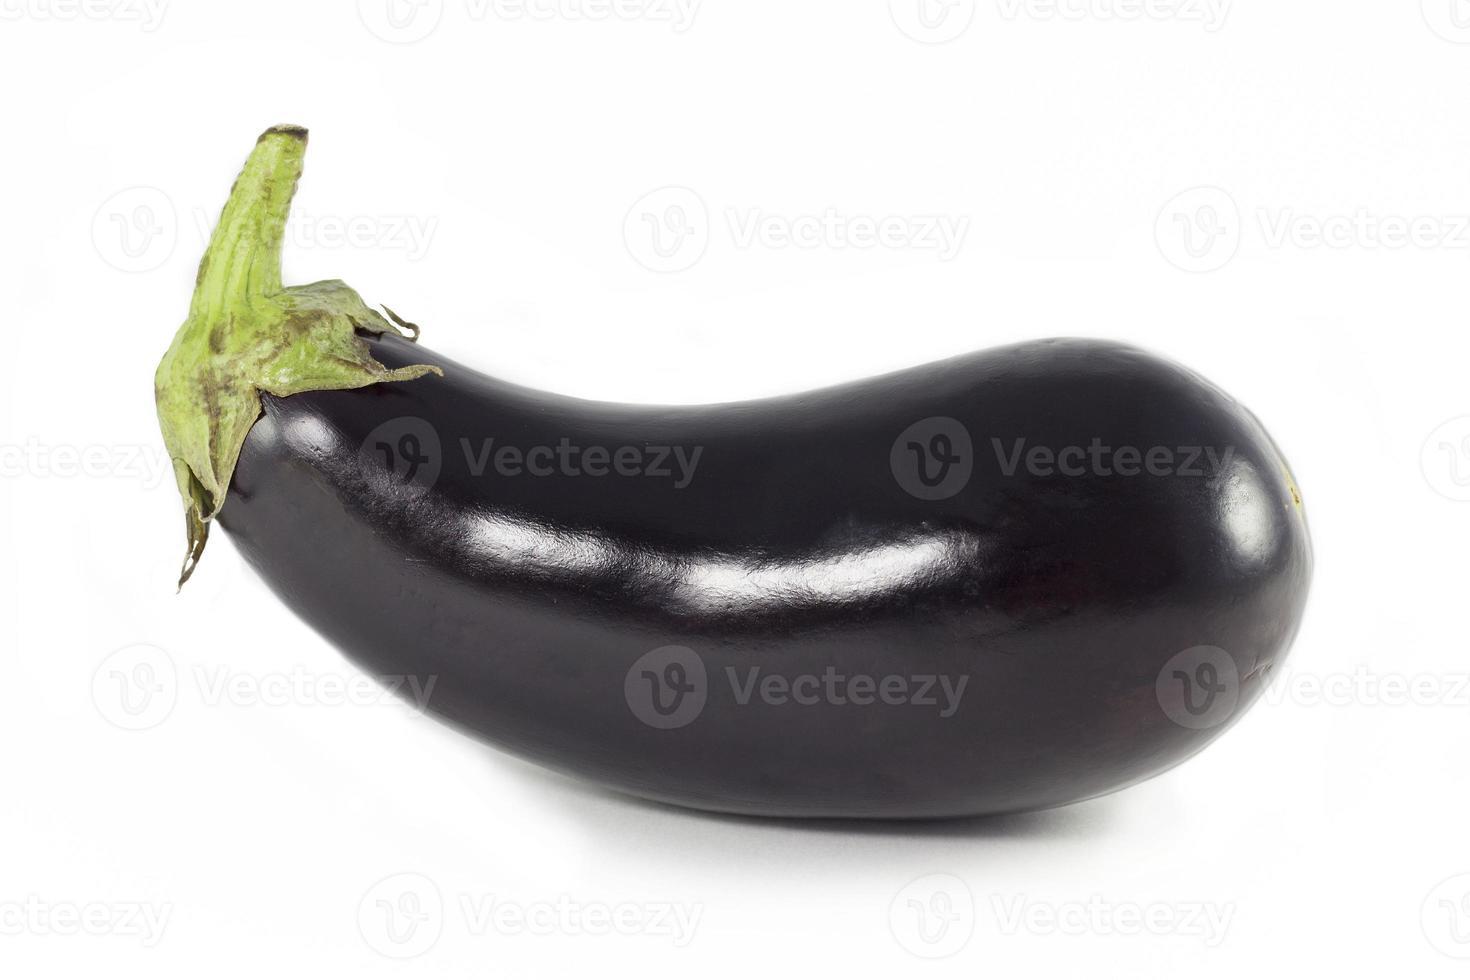 Eggplant photo